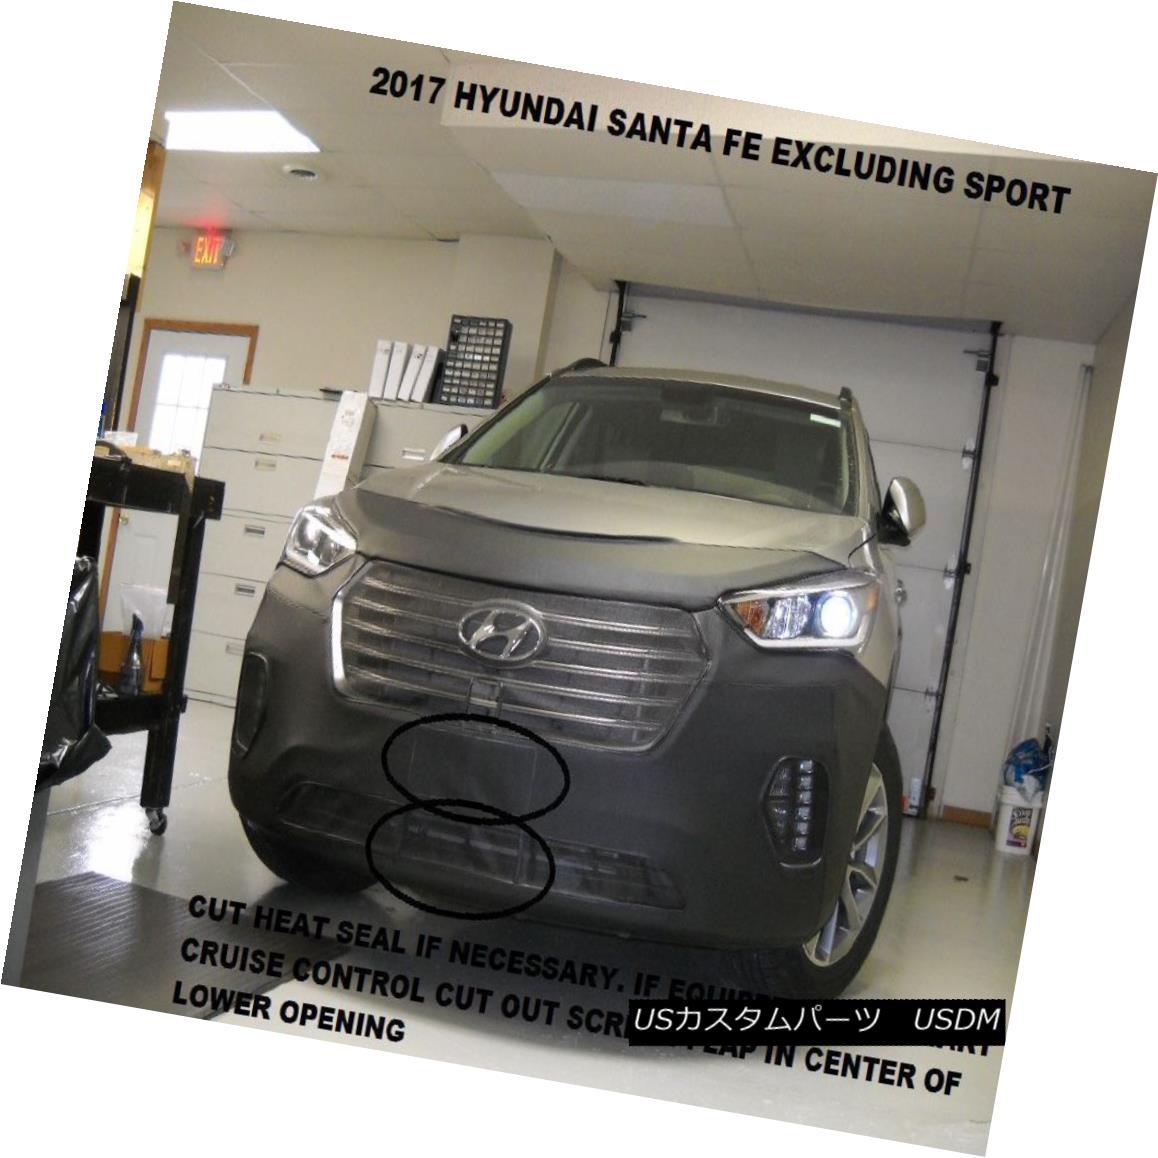 フルブラ ノーズブラ Lebra Front End Mask Cover Bra Fits 2017 2018 17 18 Hyundai Santa Fe exc.sport Lebraフロントエンドマスクカバーブラフィット2017 2018 17 18 Hyundai Santa Fe exc.sport